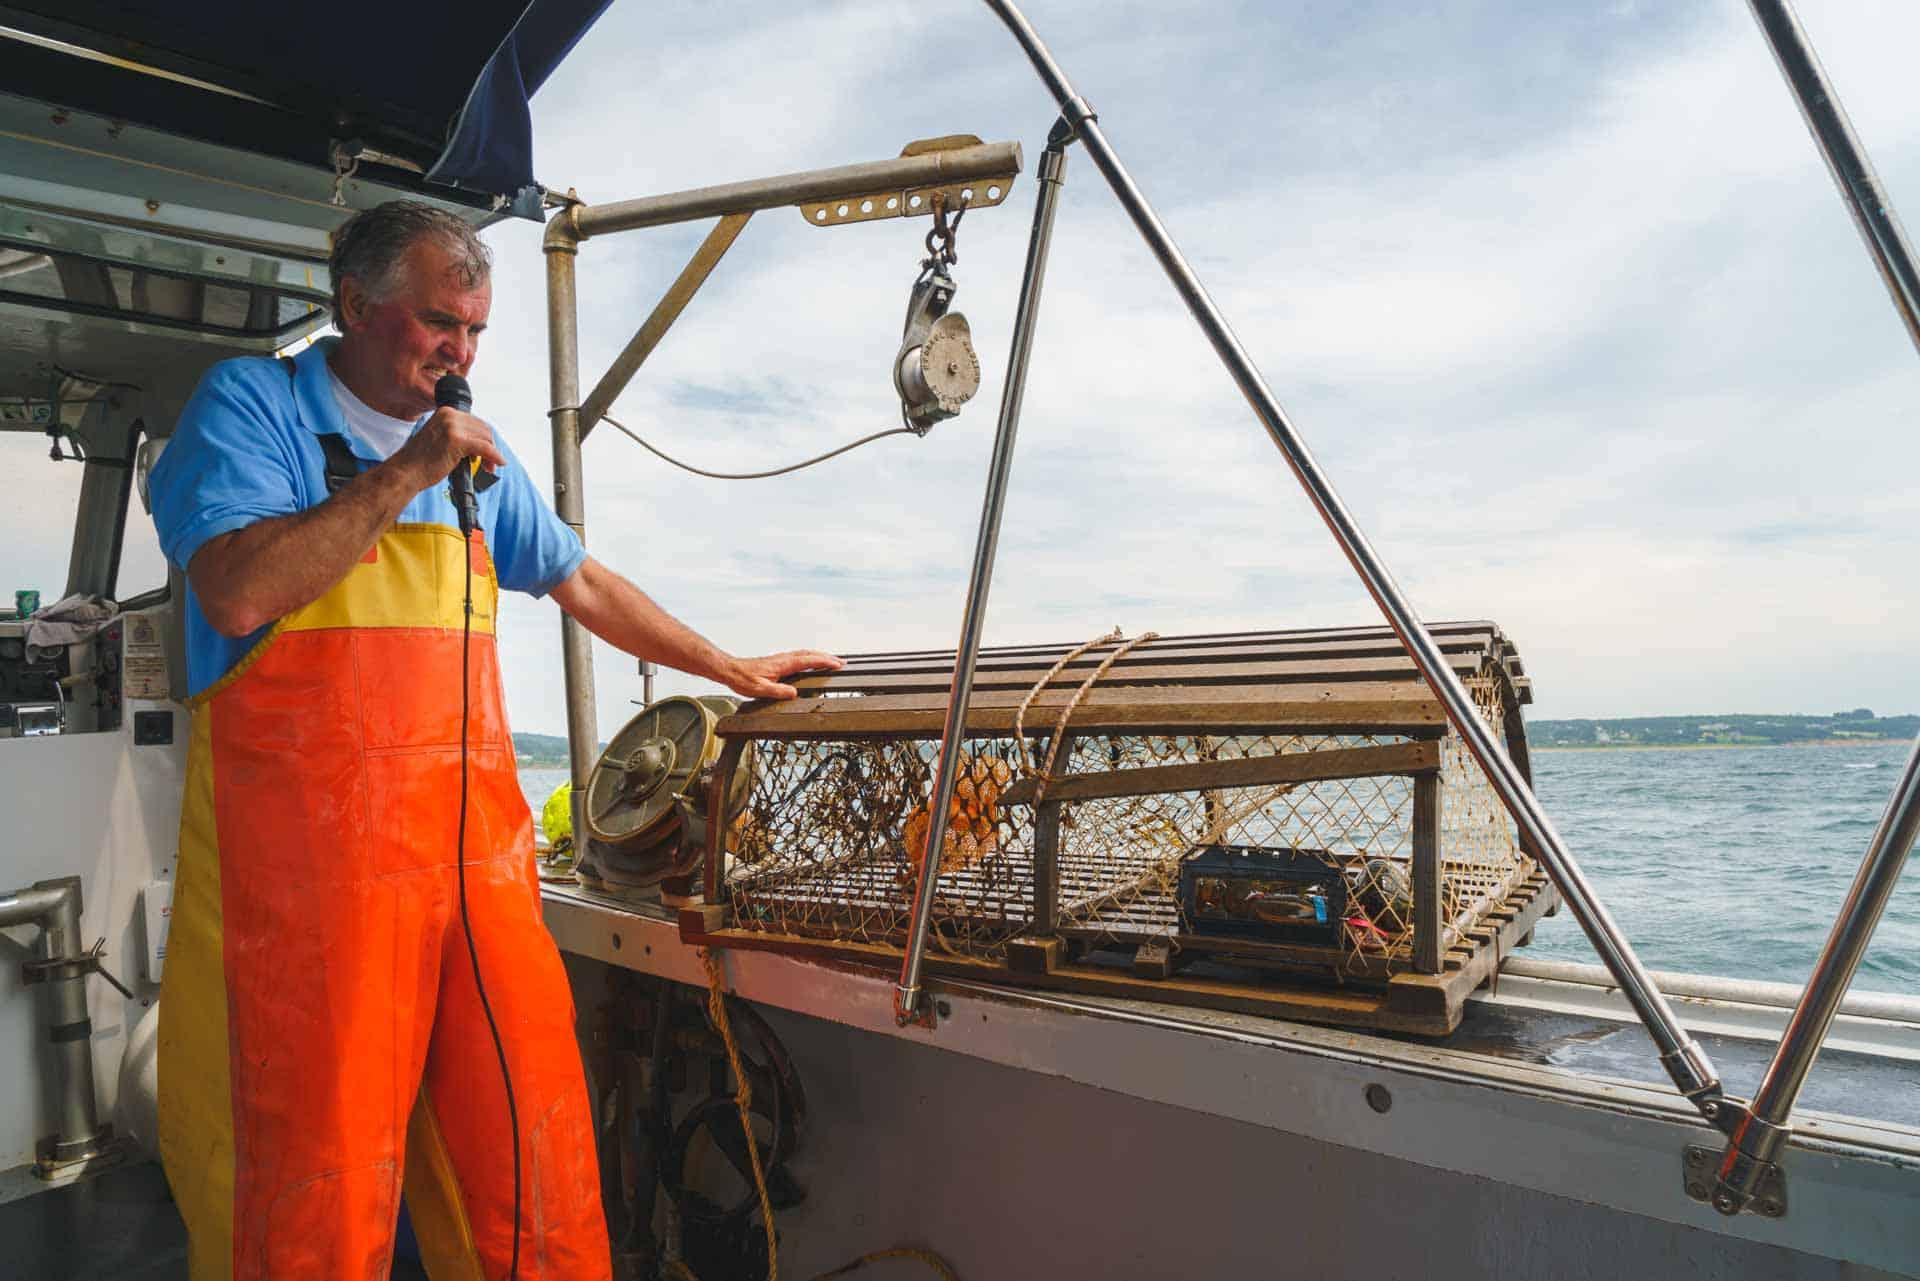 Go on a Lobster Safari in Nova Scotia